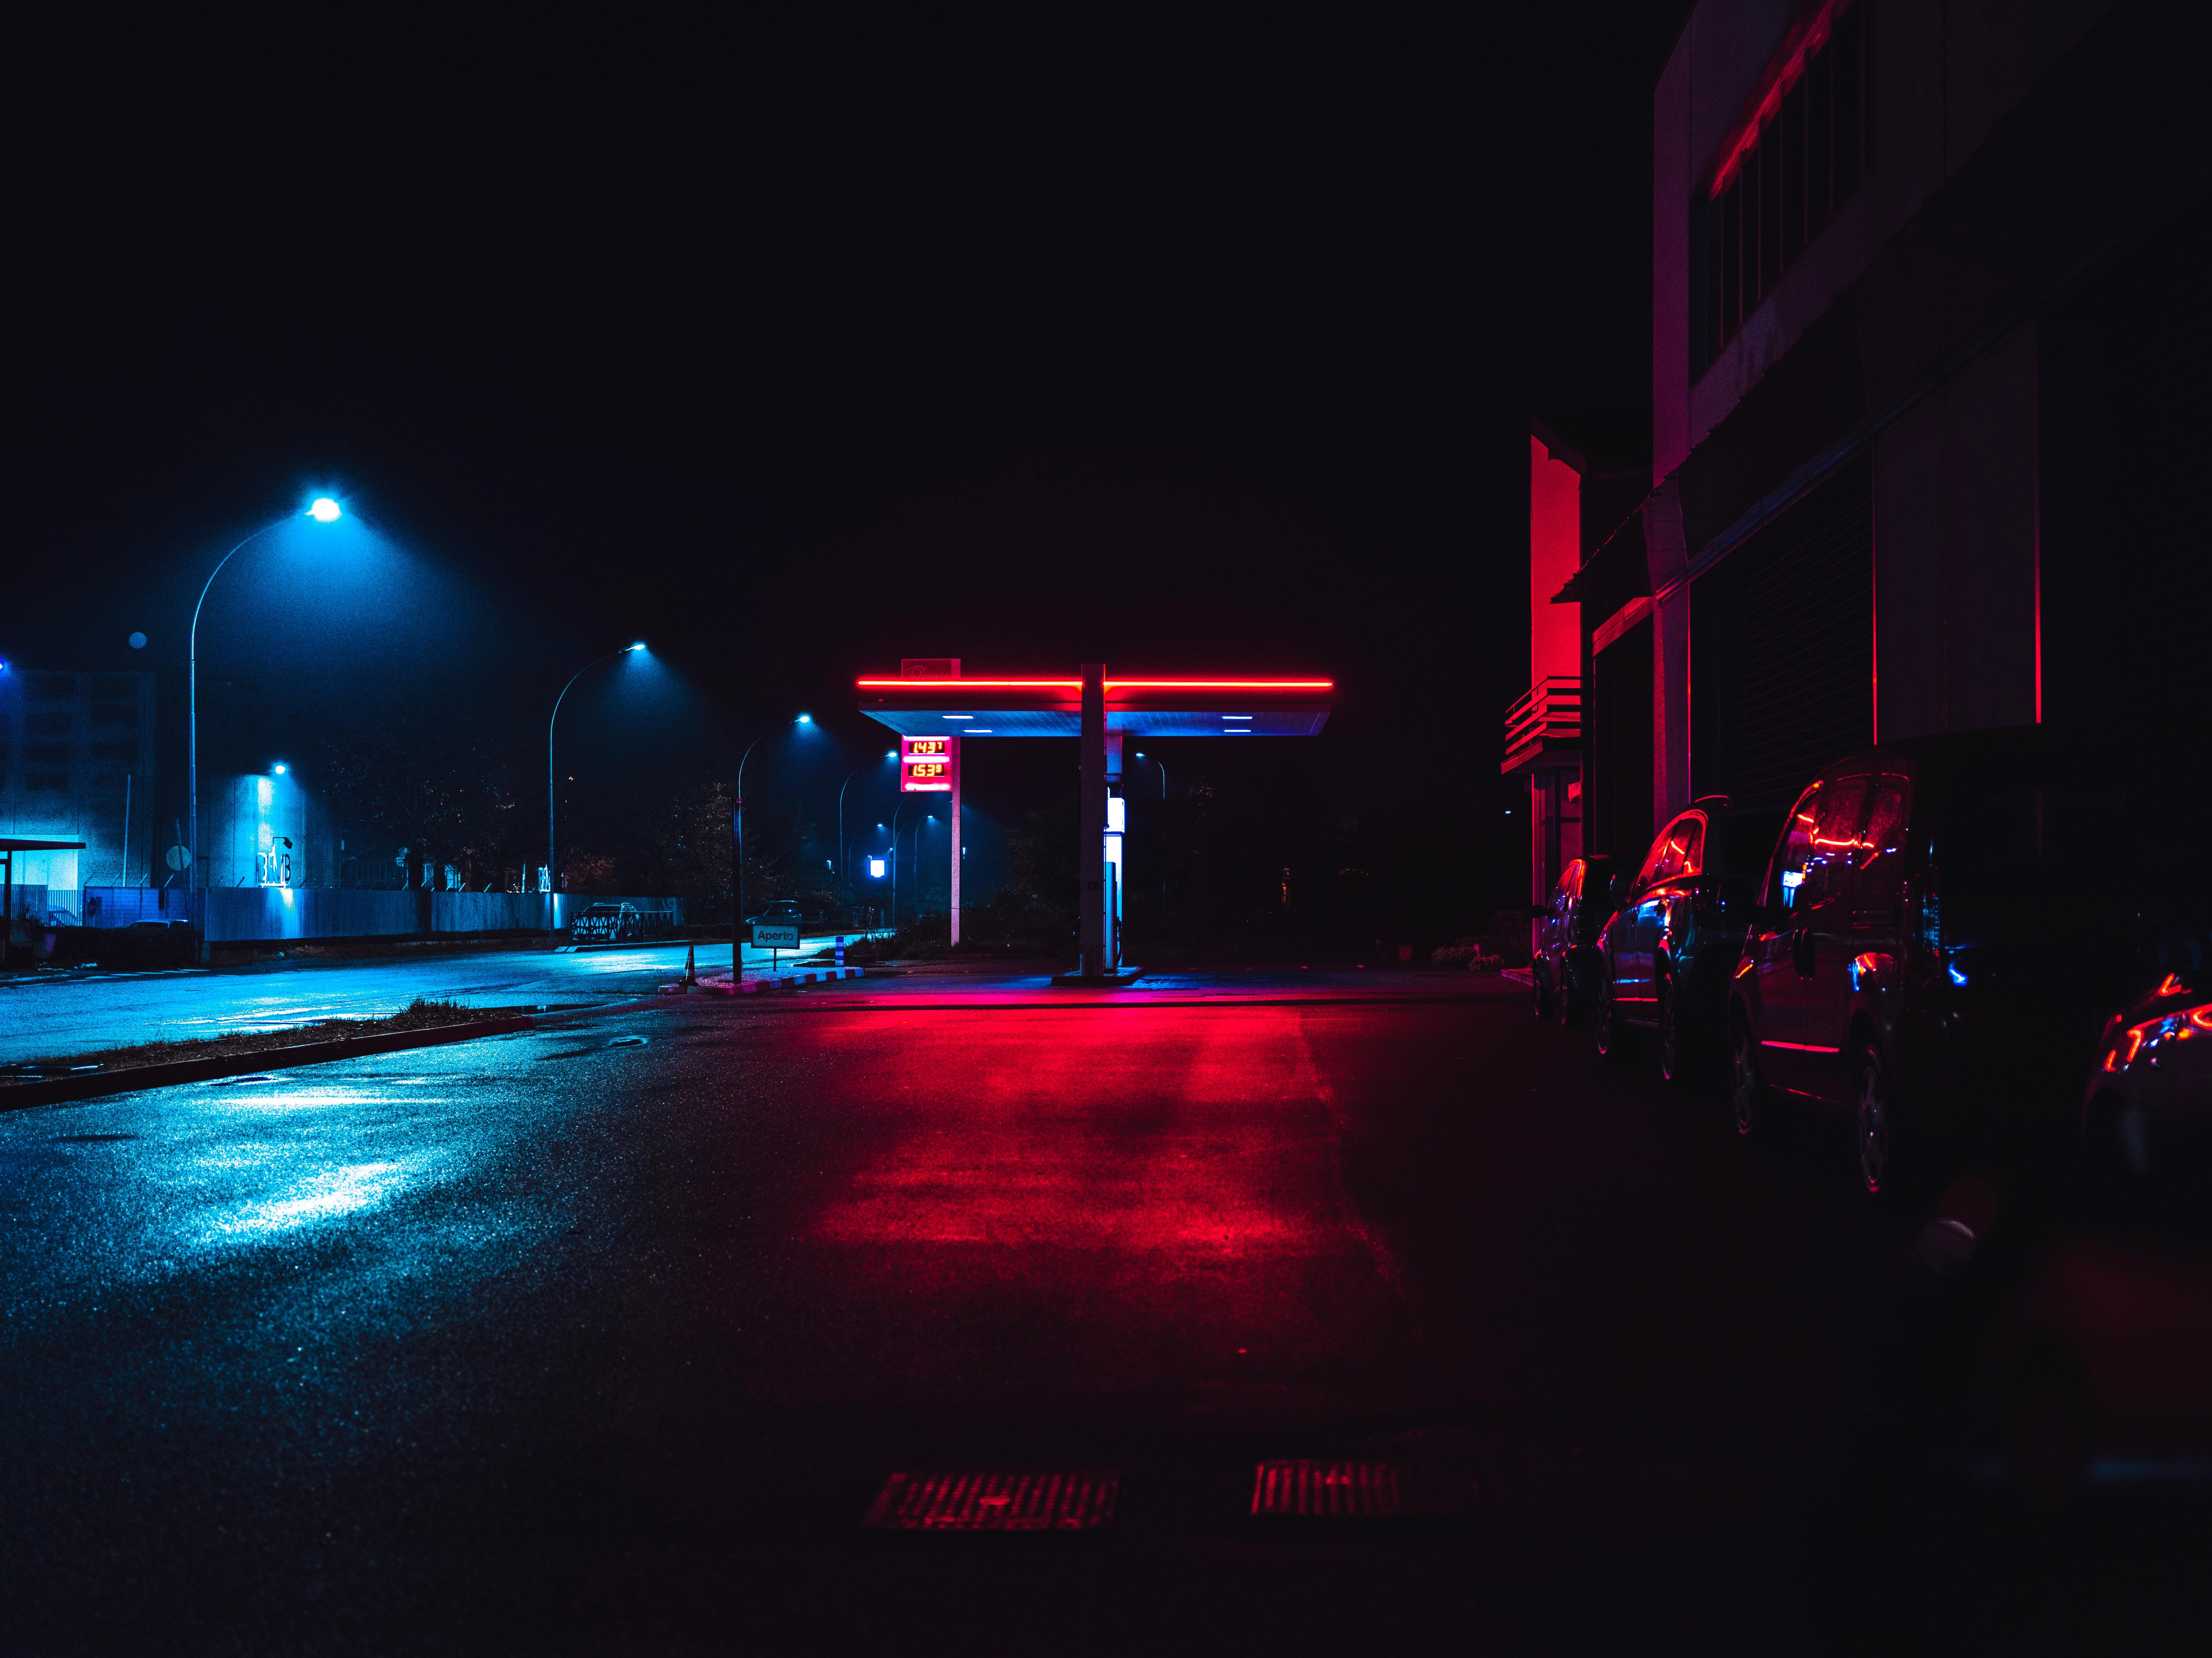 Image by Luca Bravo